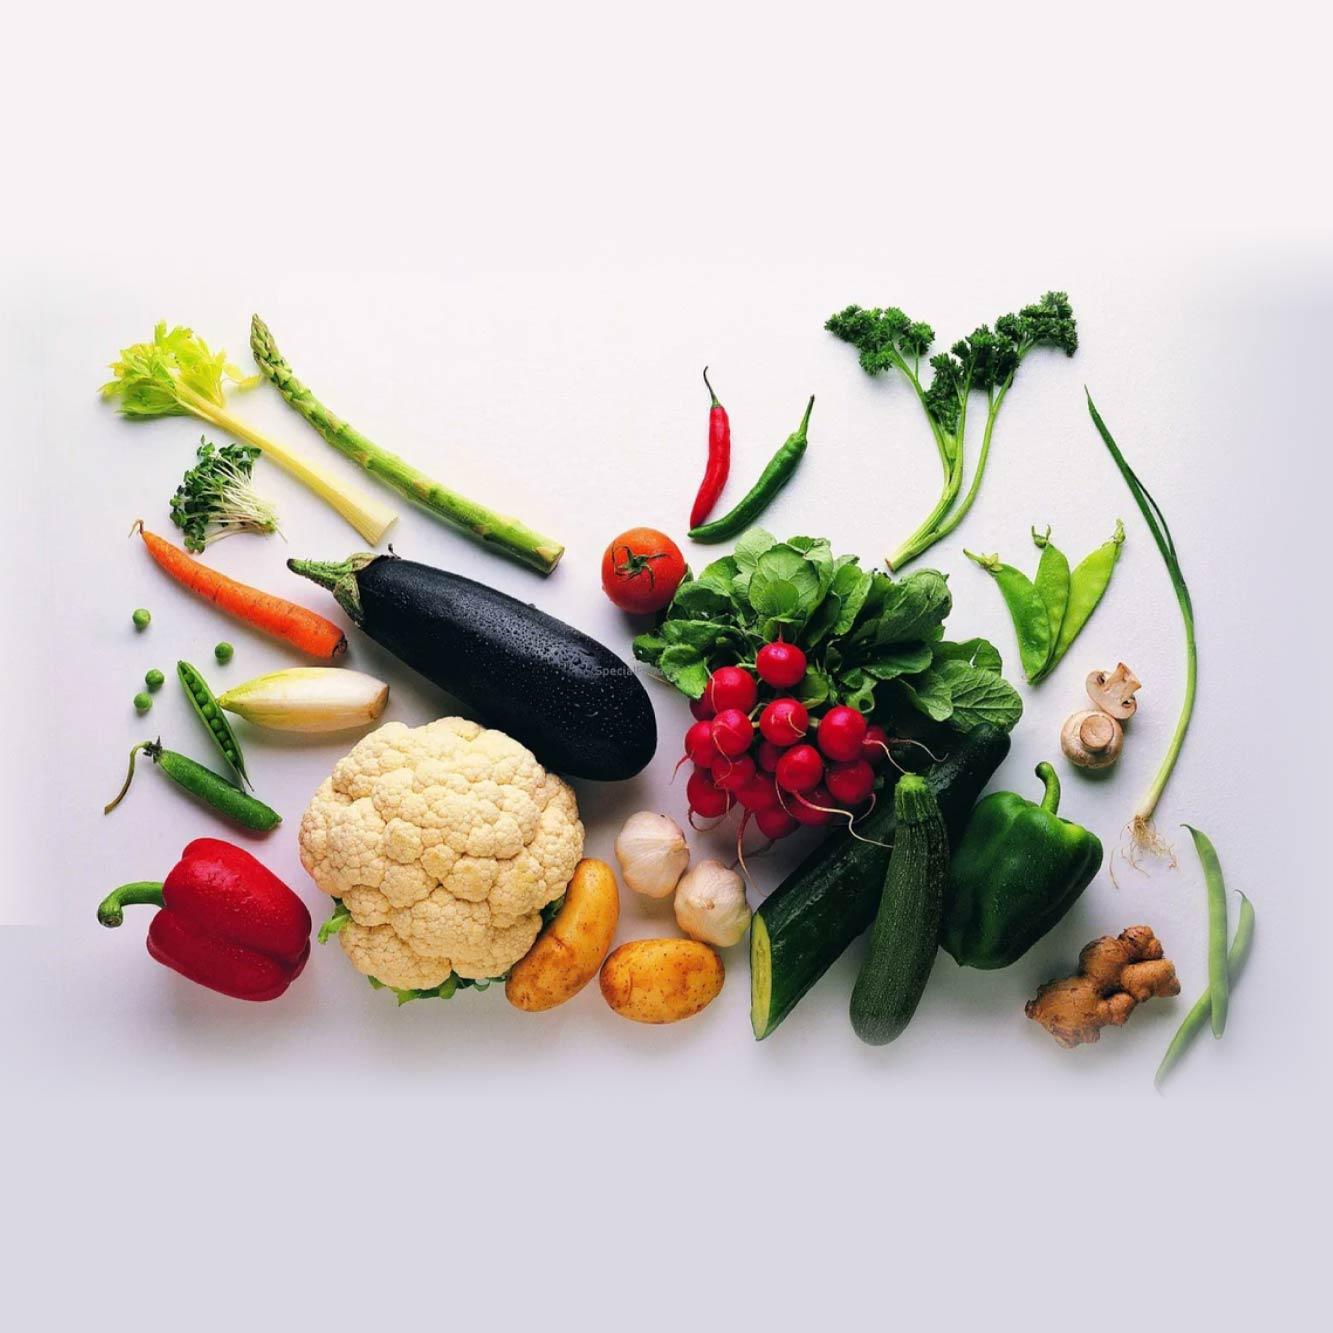 Клетчатка: «с чем едят» и в чем польза?